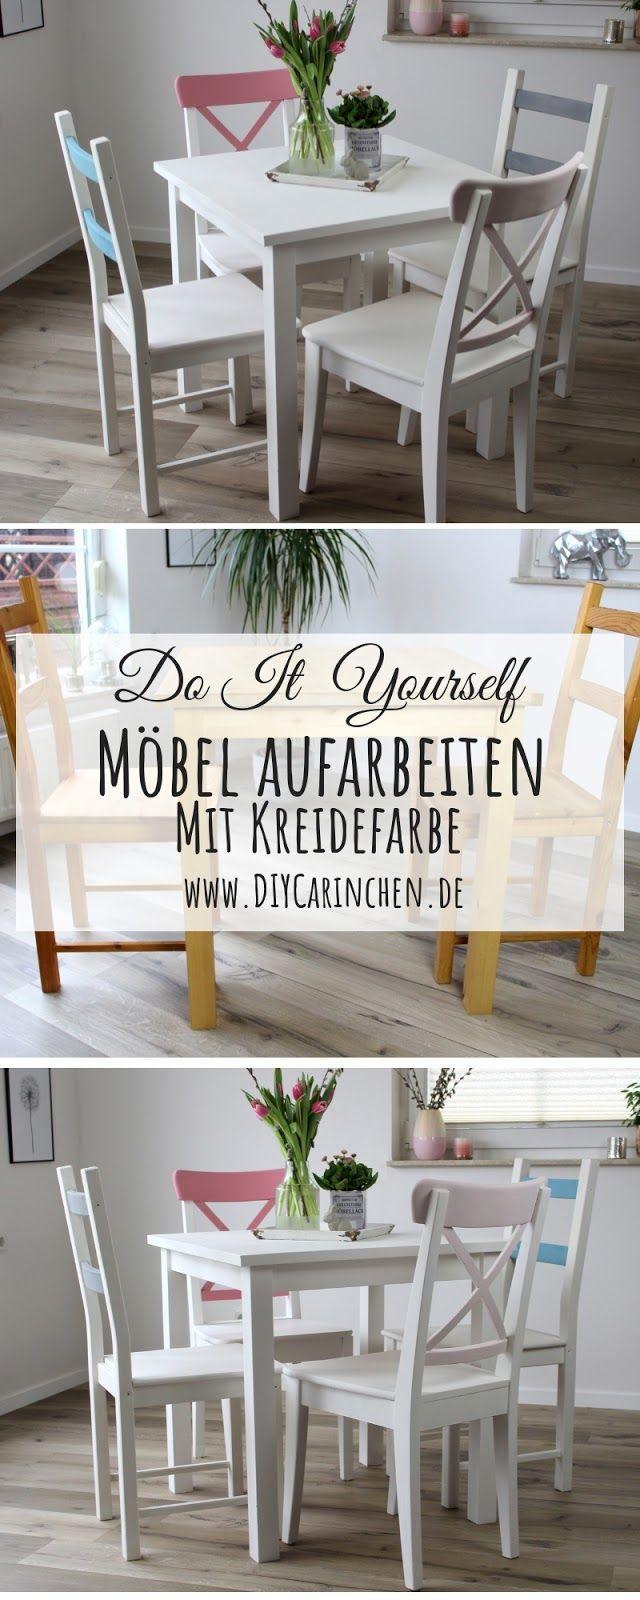 DIY: Alte Möbel aufarbeiten / upcyclen und neu streichen mit Kreidefarbe #gesso